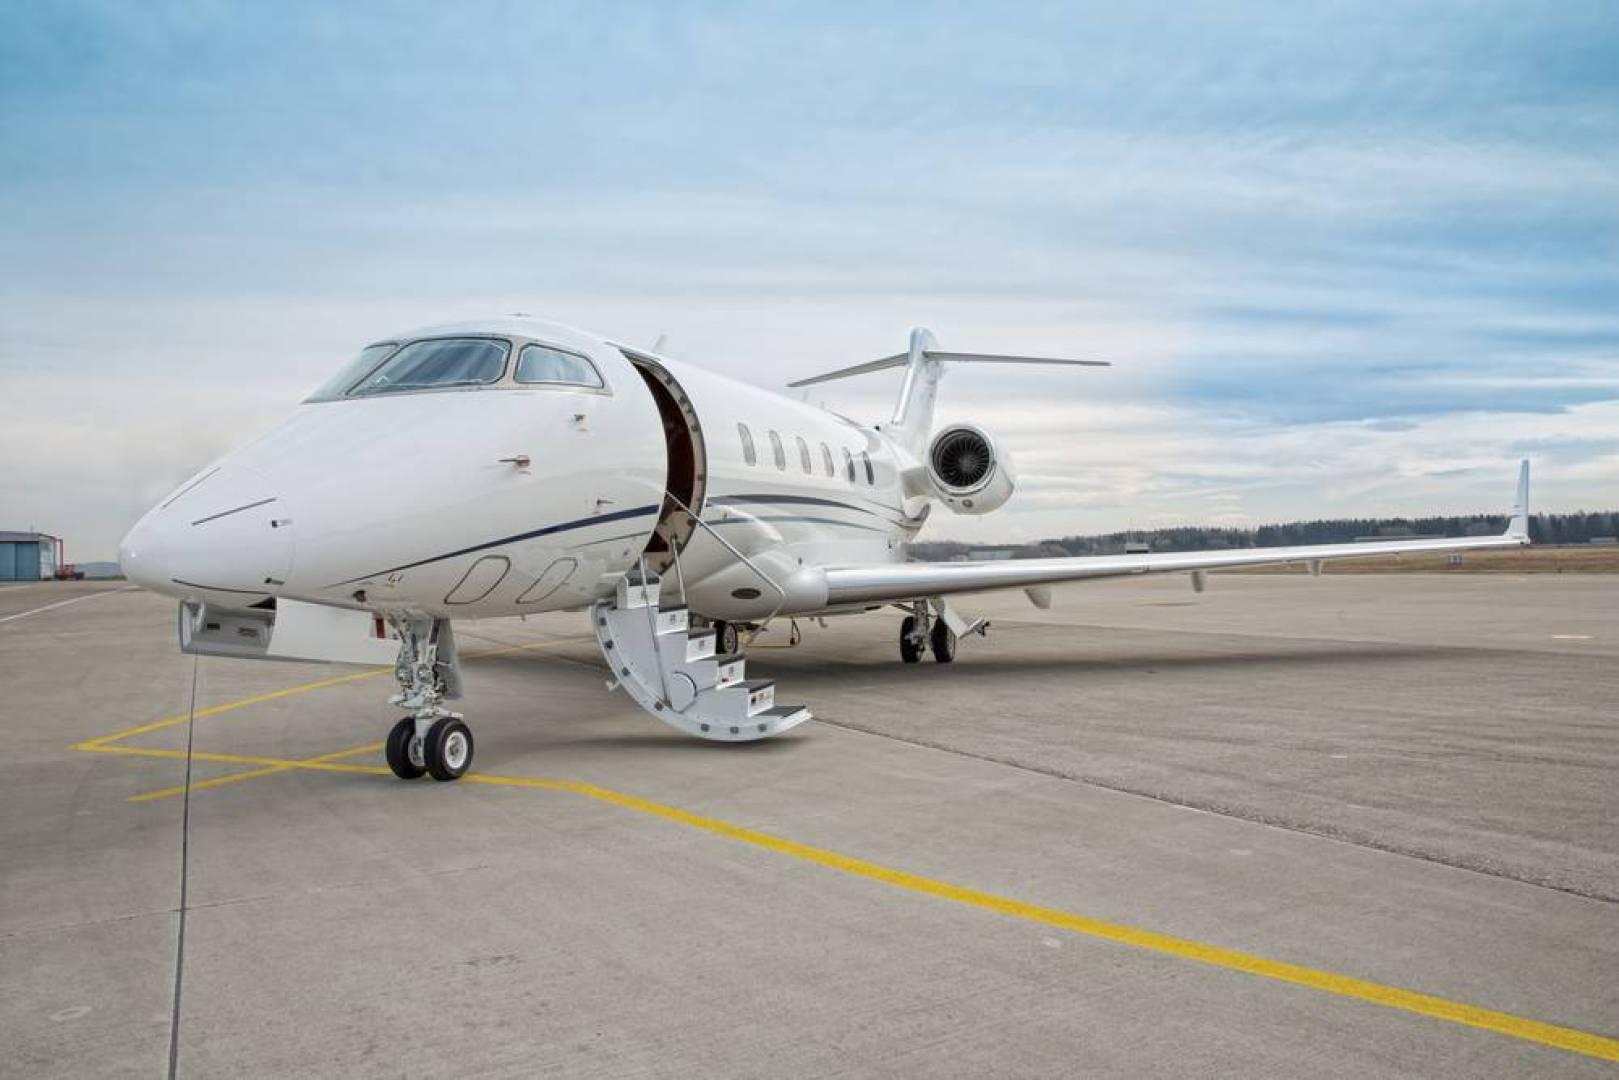 ثمنها ليس المشكلة.. كم يكلفك امتلاك طائرة خاصة؟